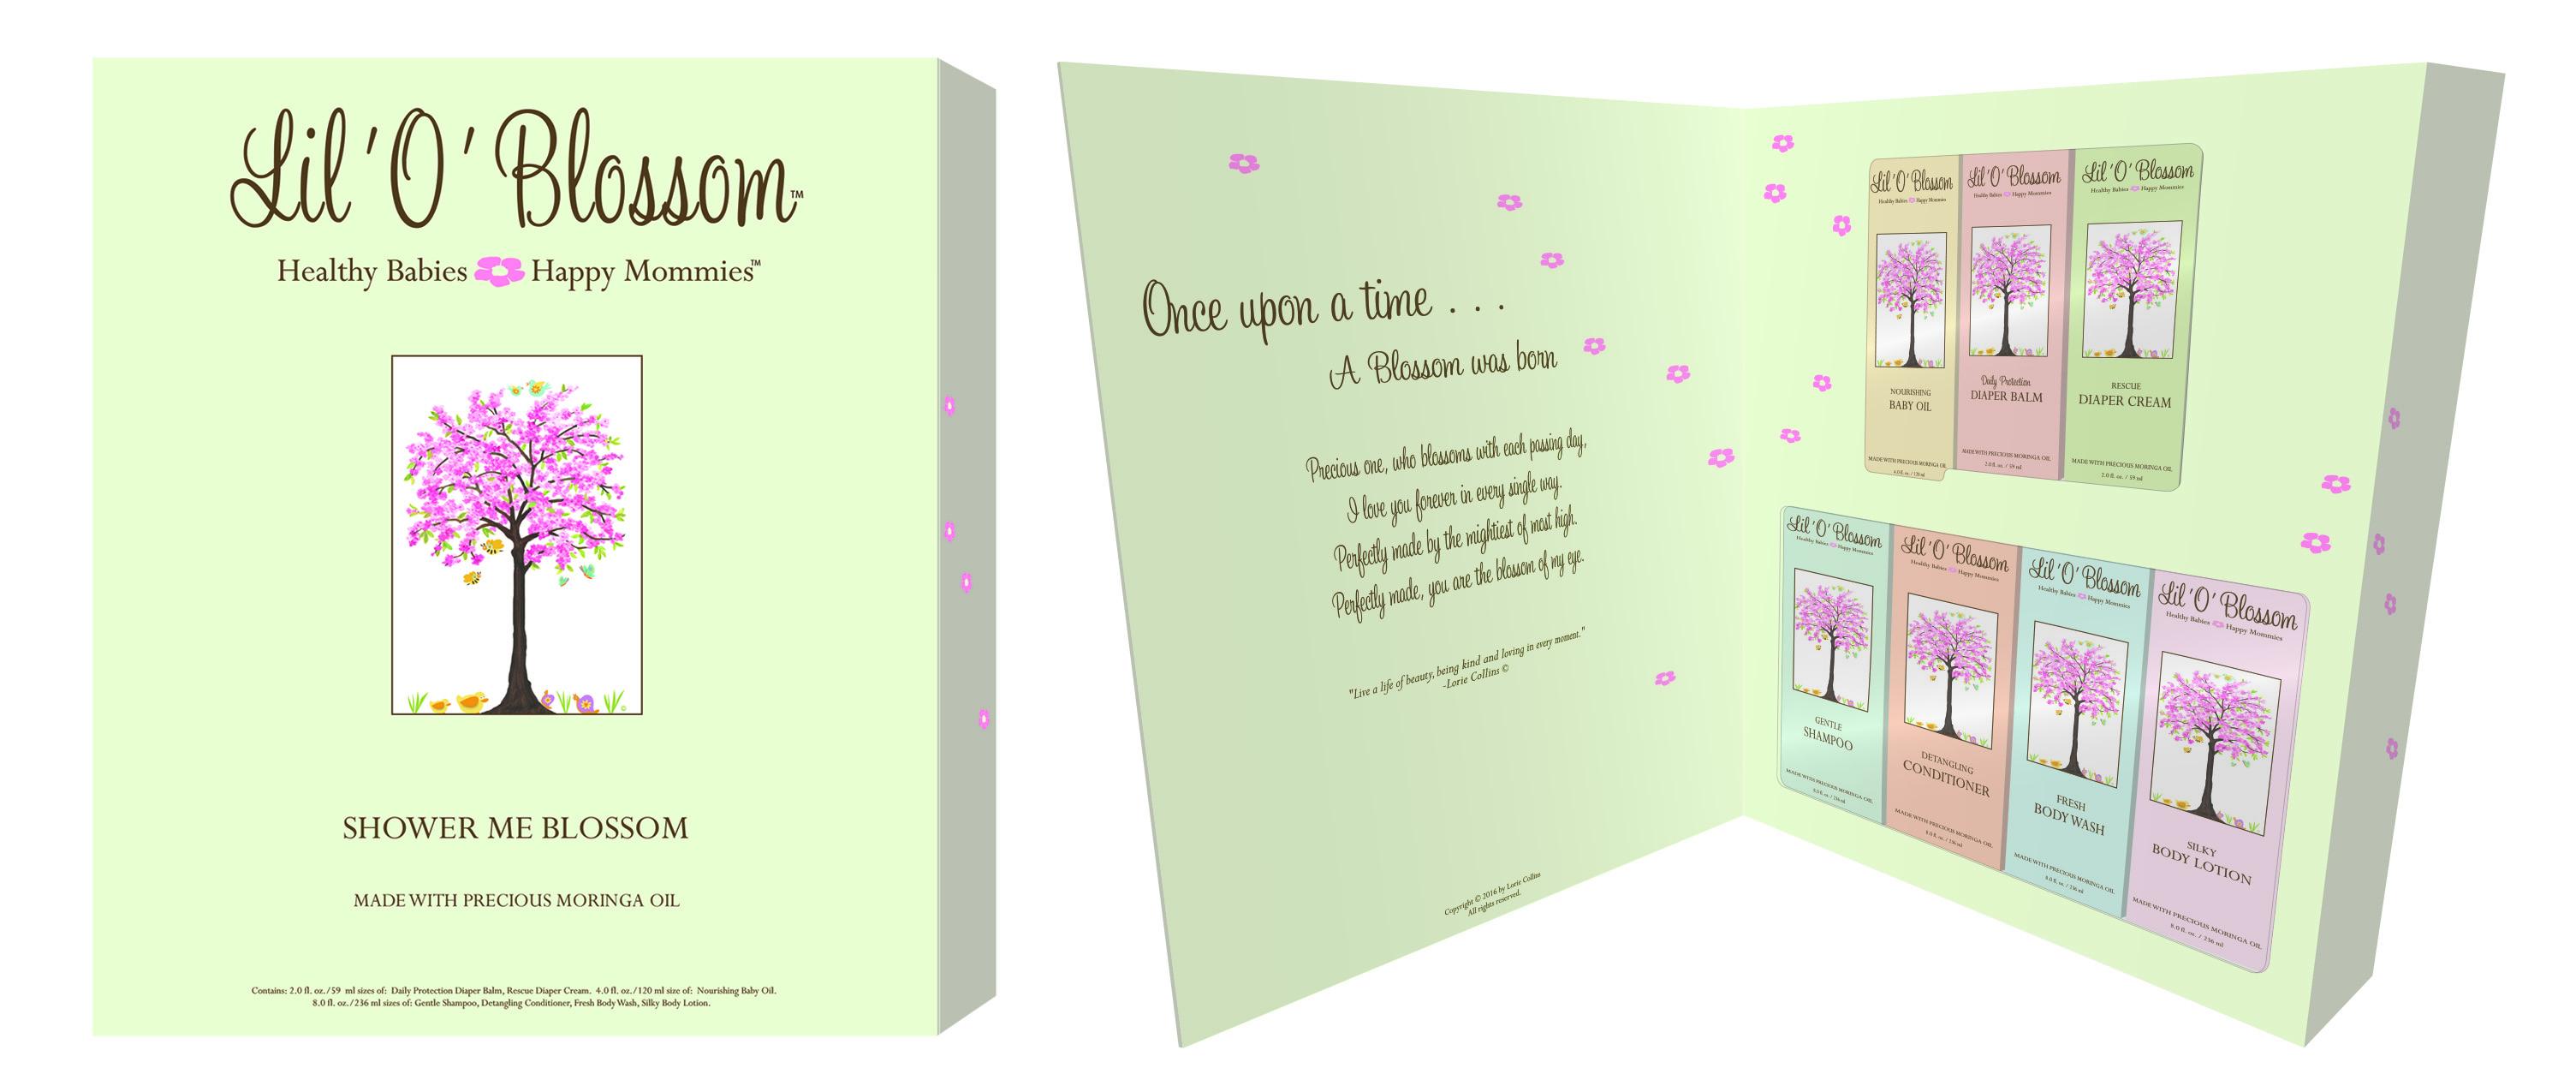 Shower Me Blossom Storybook Gift Set